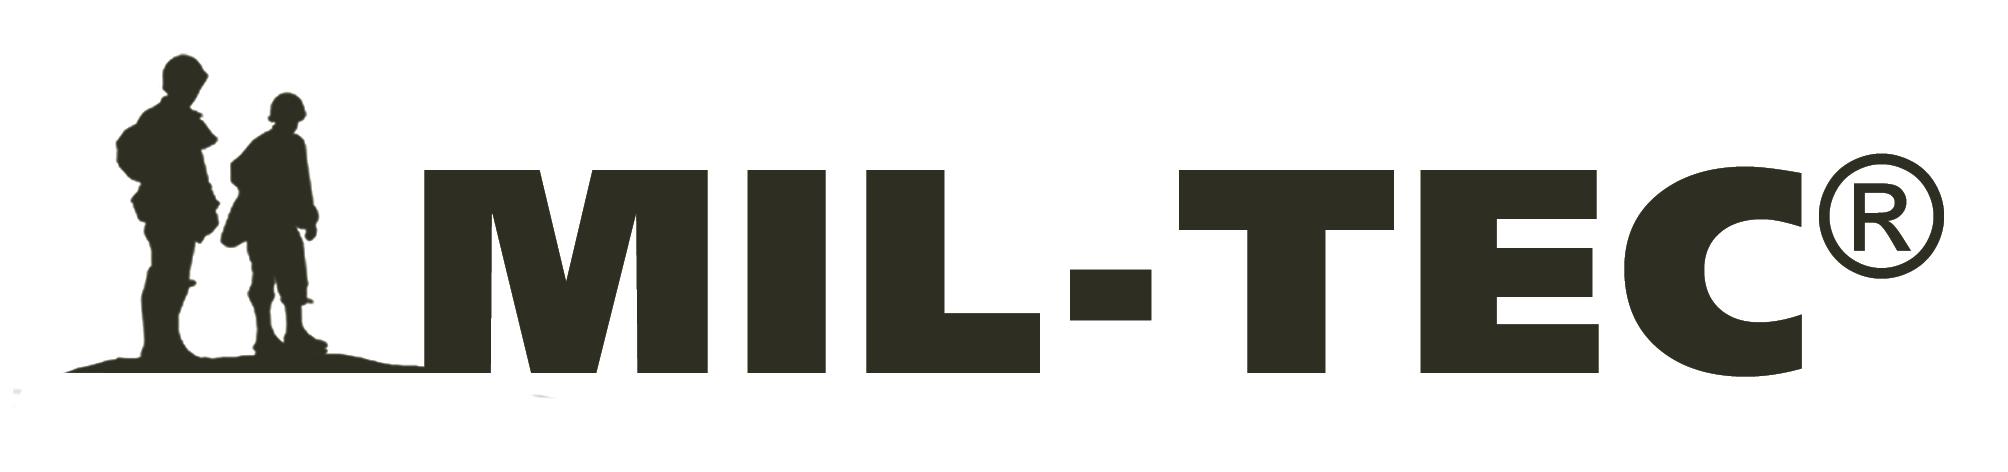 Logo de Miltec: expertos en equipo militar, accesorios de supervivencia